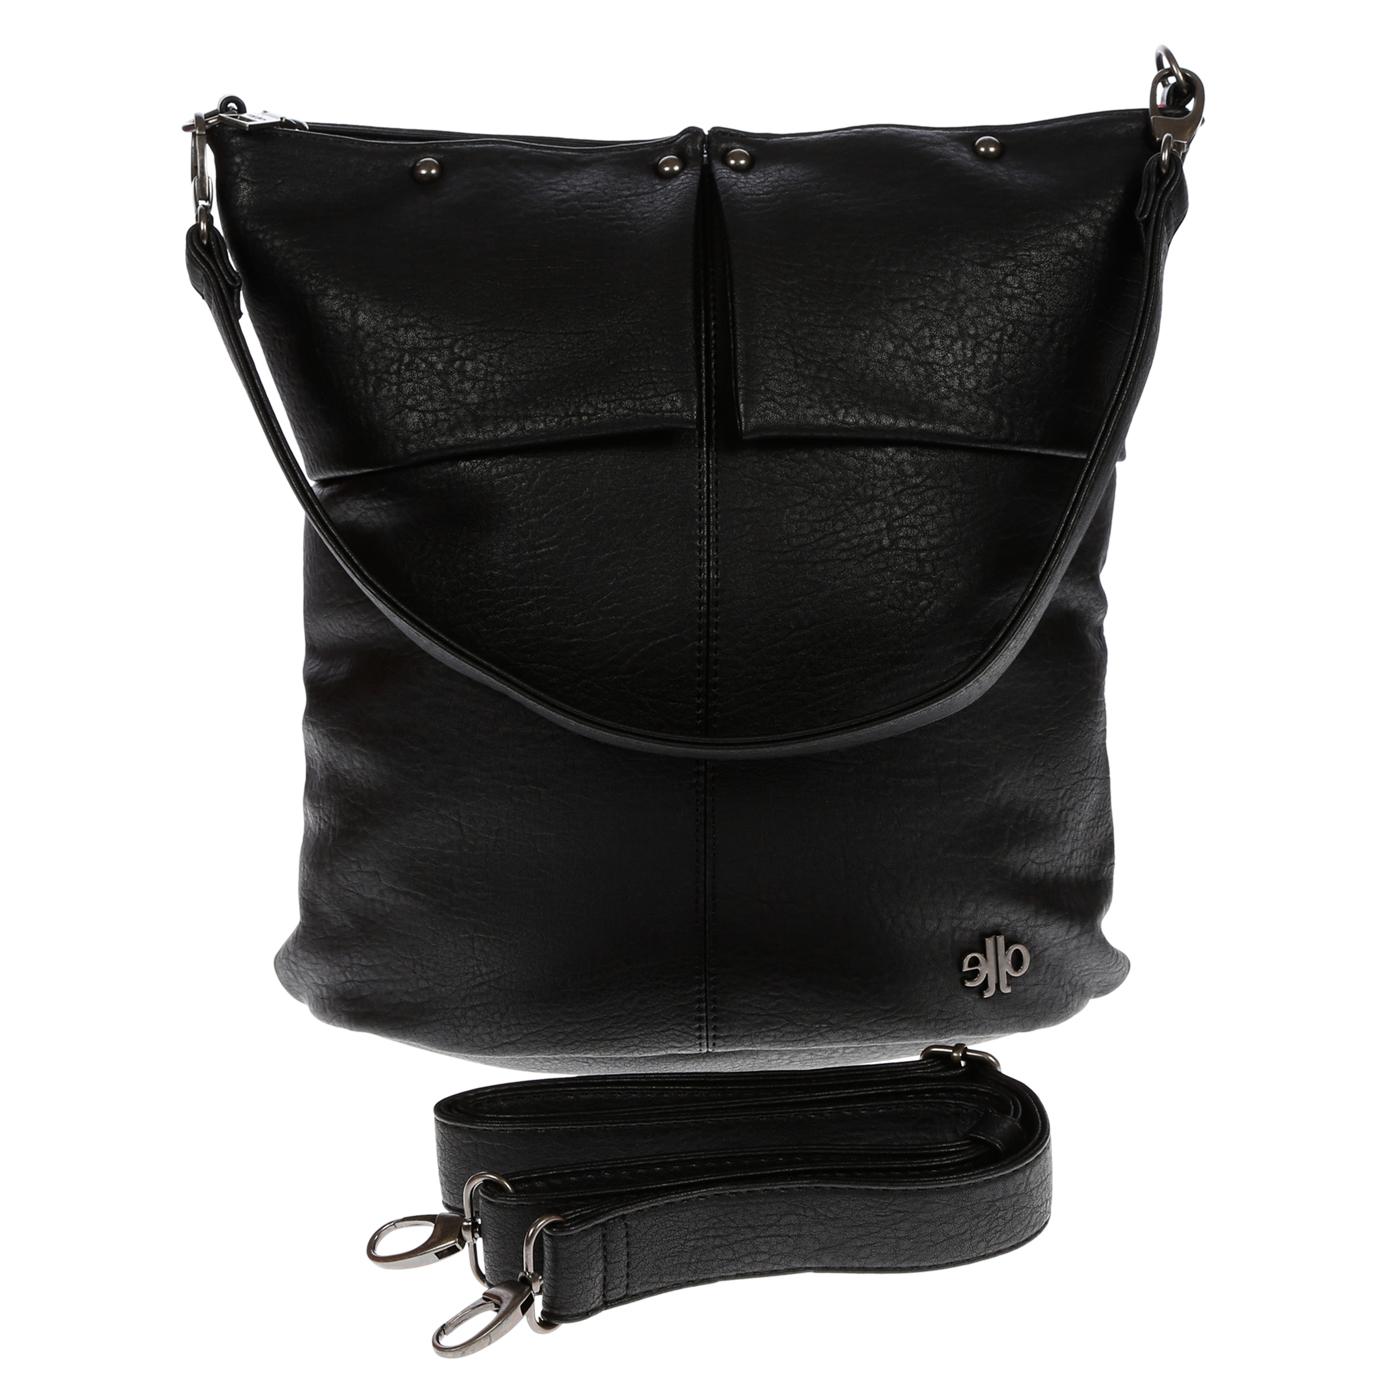 Damentasche-Umhaengetasche-Handtasche-Schultertasche-Leder-Optik-Tasche-Schwarz Indexbild 6